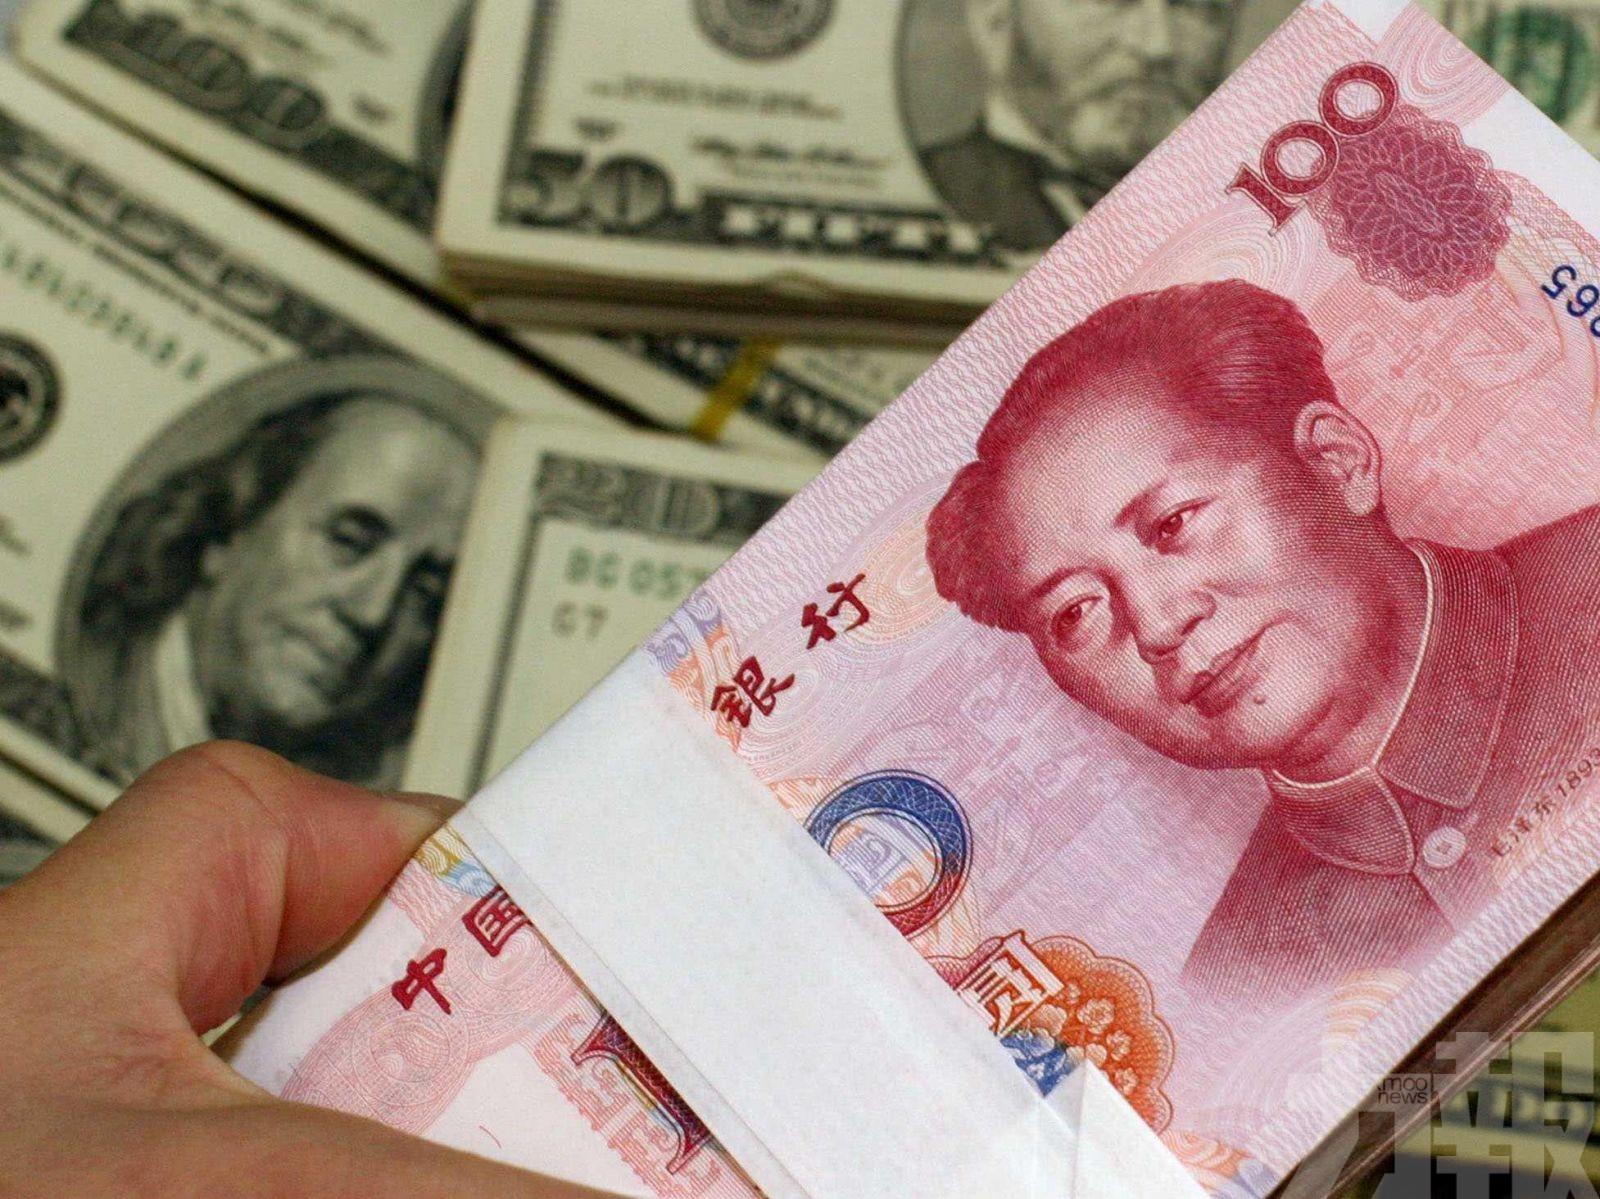 油價反彈 人幣微升 日圓下跌